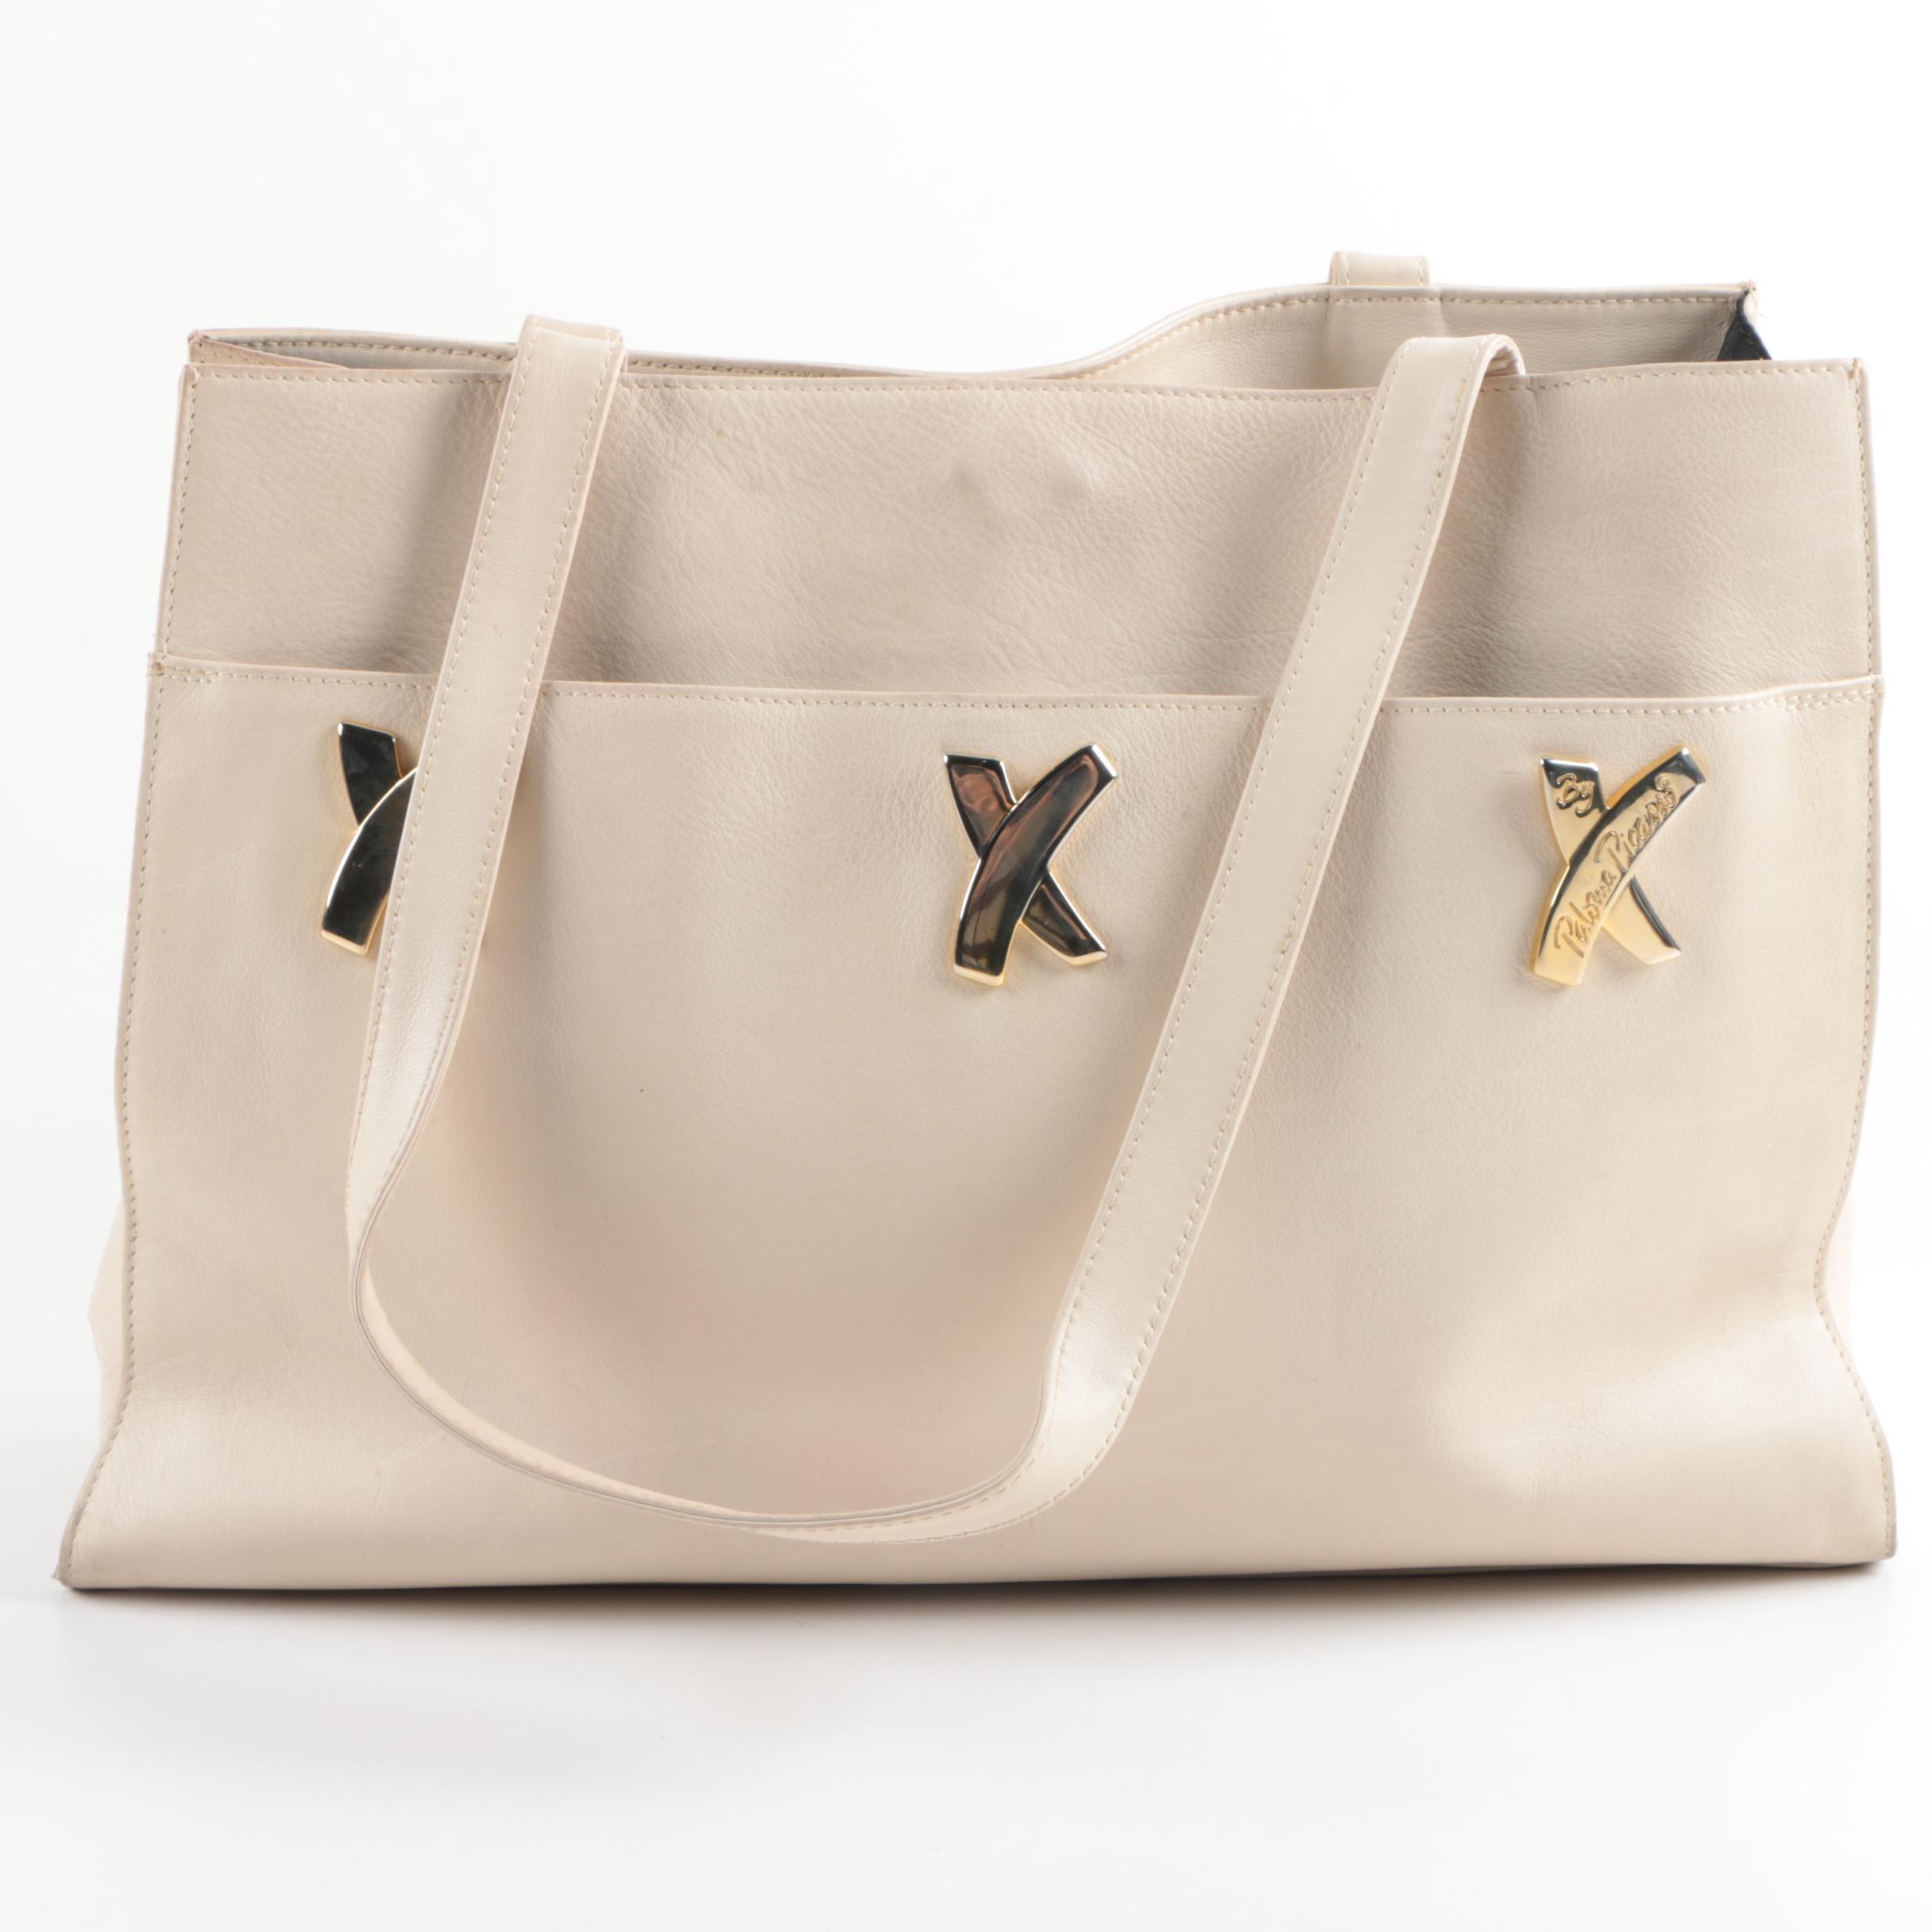 Paloma Picasso Beige Leather Shoulder Bag